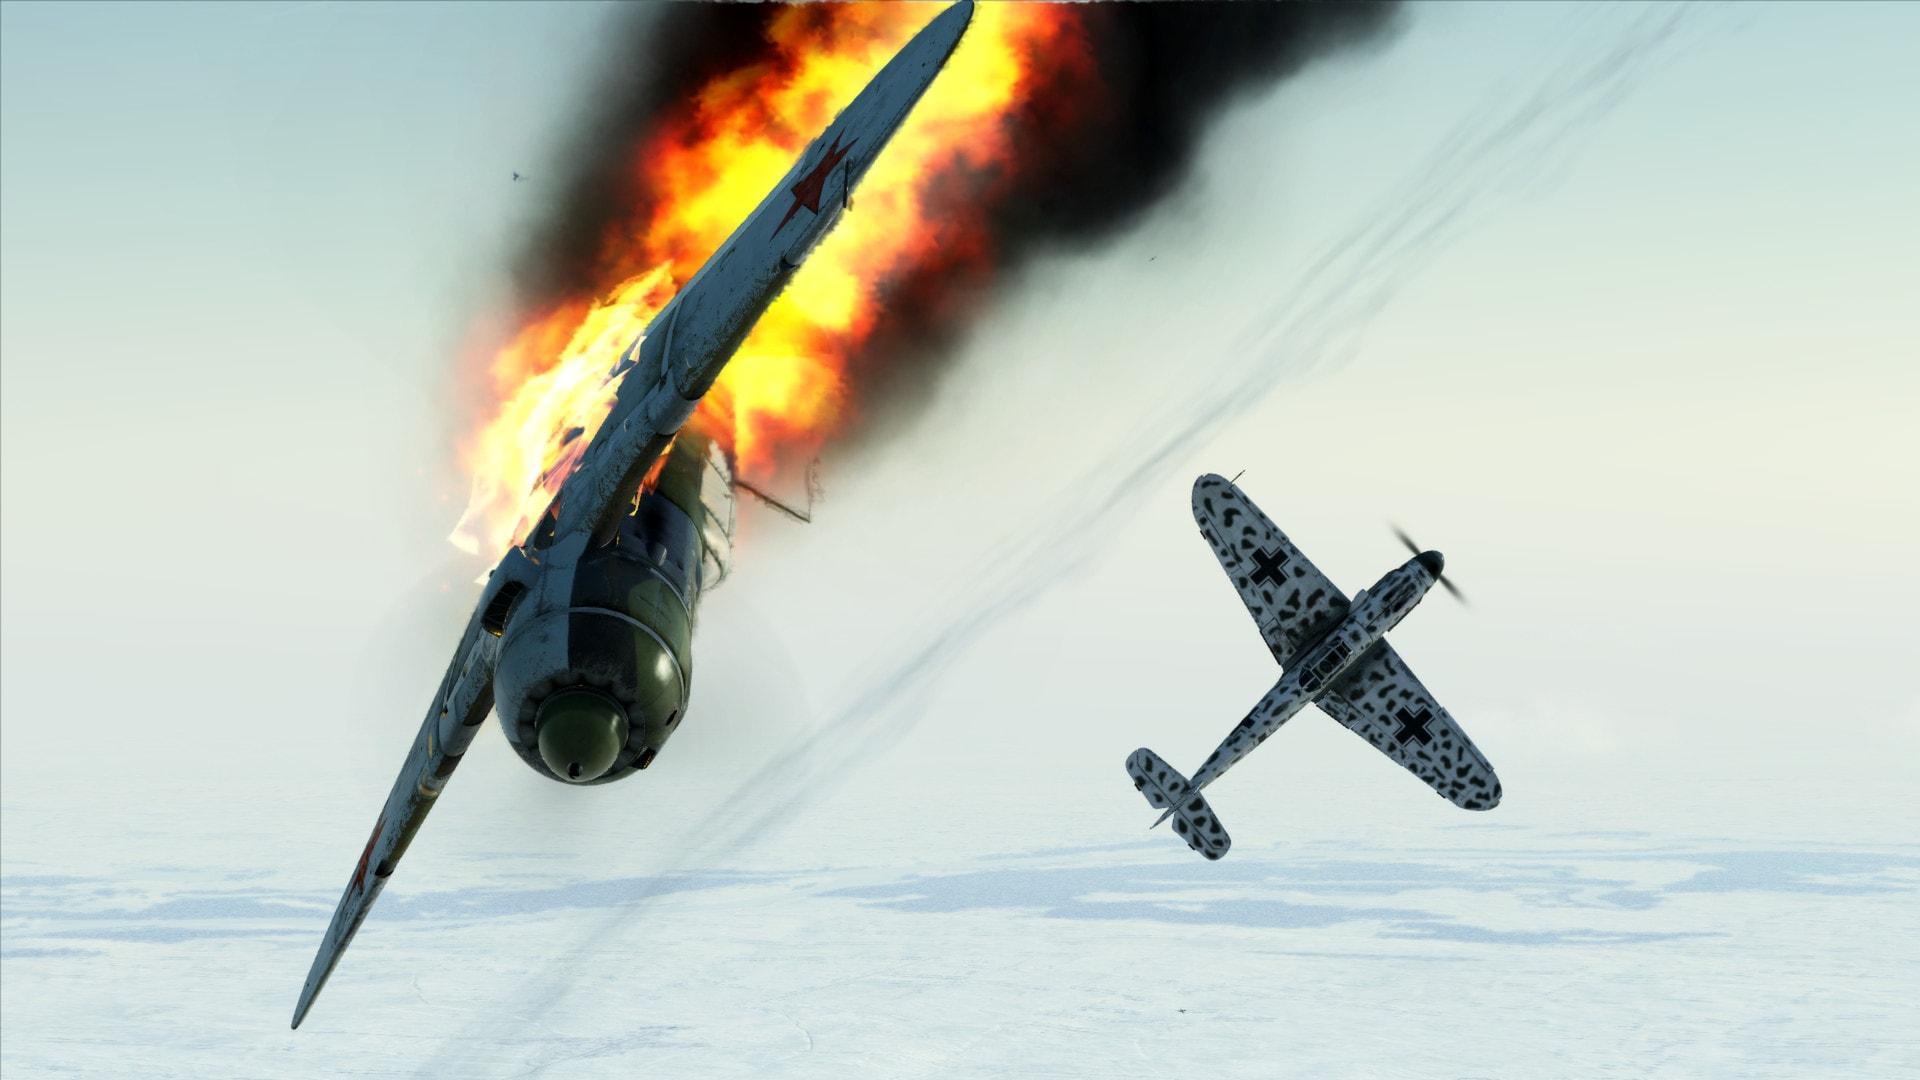 IL-2 Sturmovik: Battle of Stalingrad Steam Key GLOBAL - 3